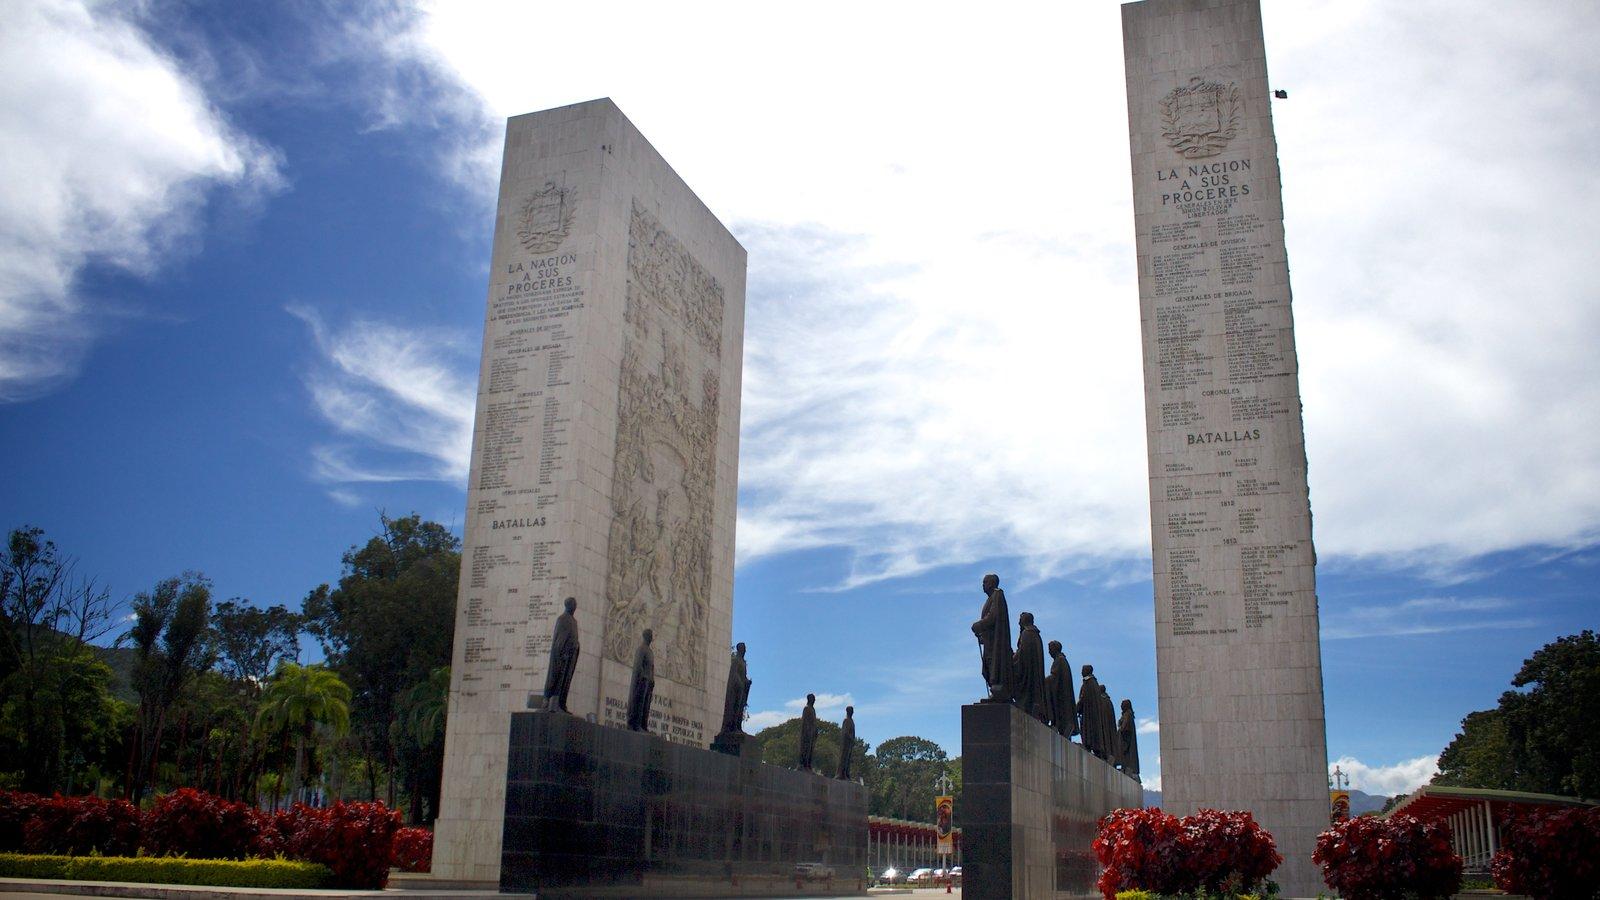 Paseo de los Próceres mostrando um memorial e um monumento